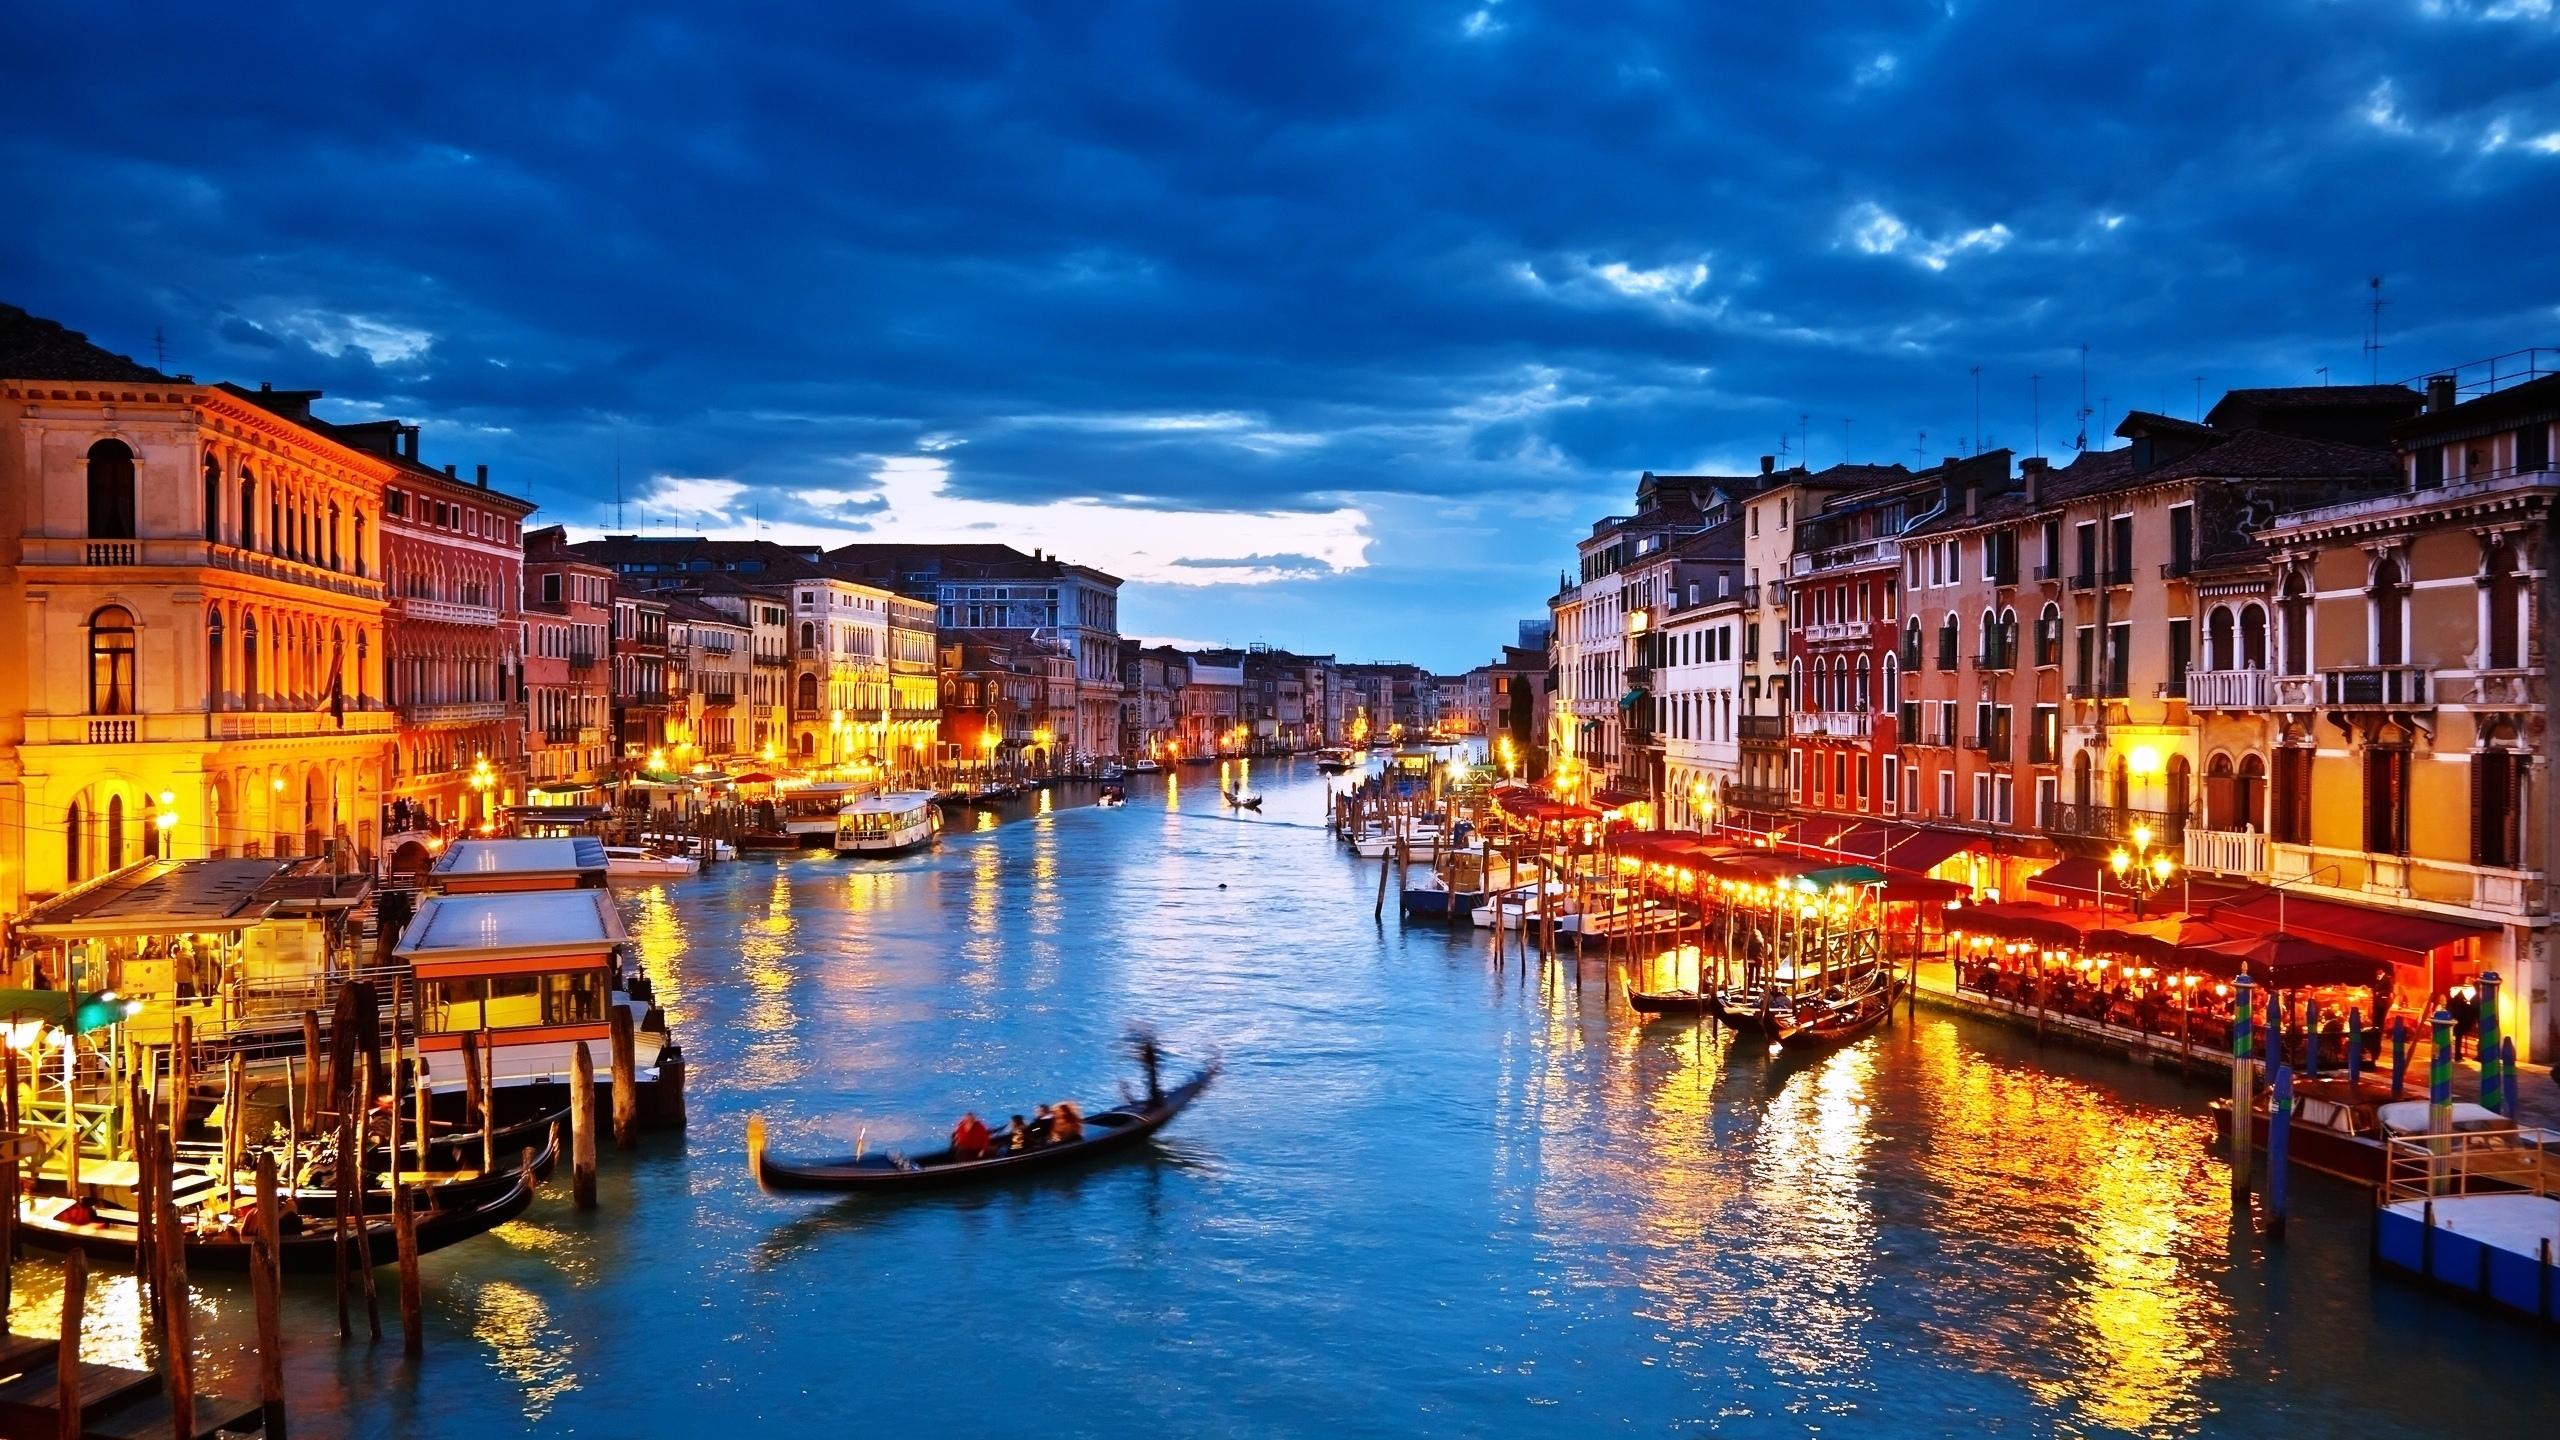 пейзажи венеции